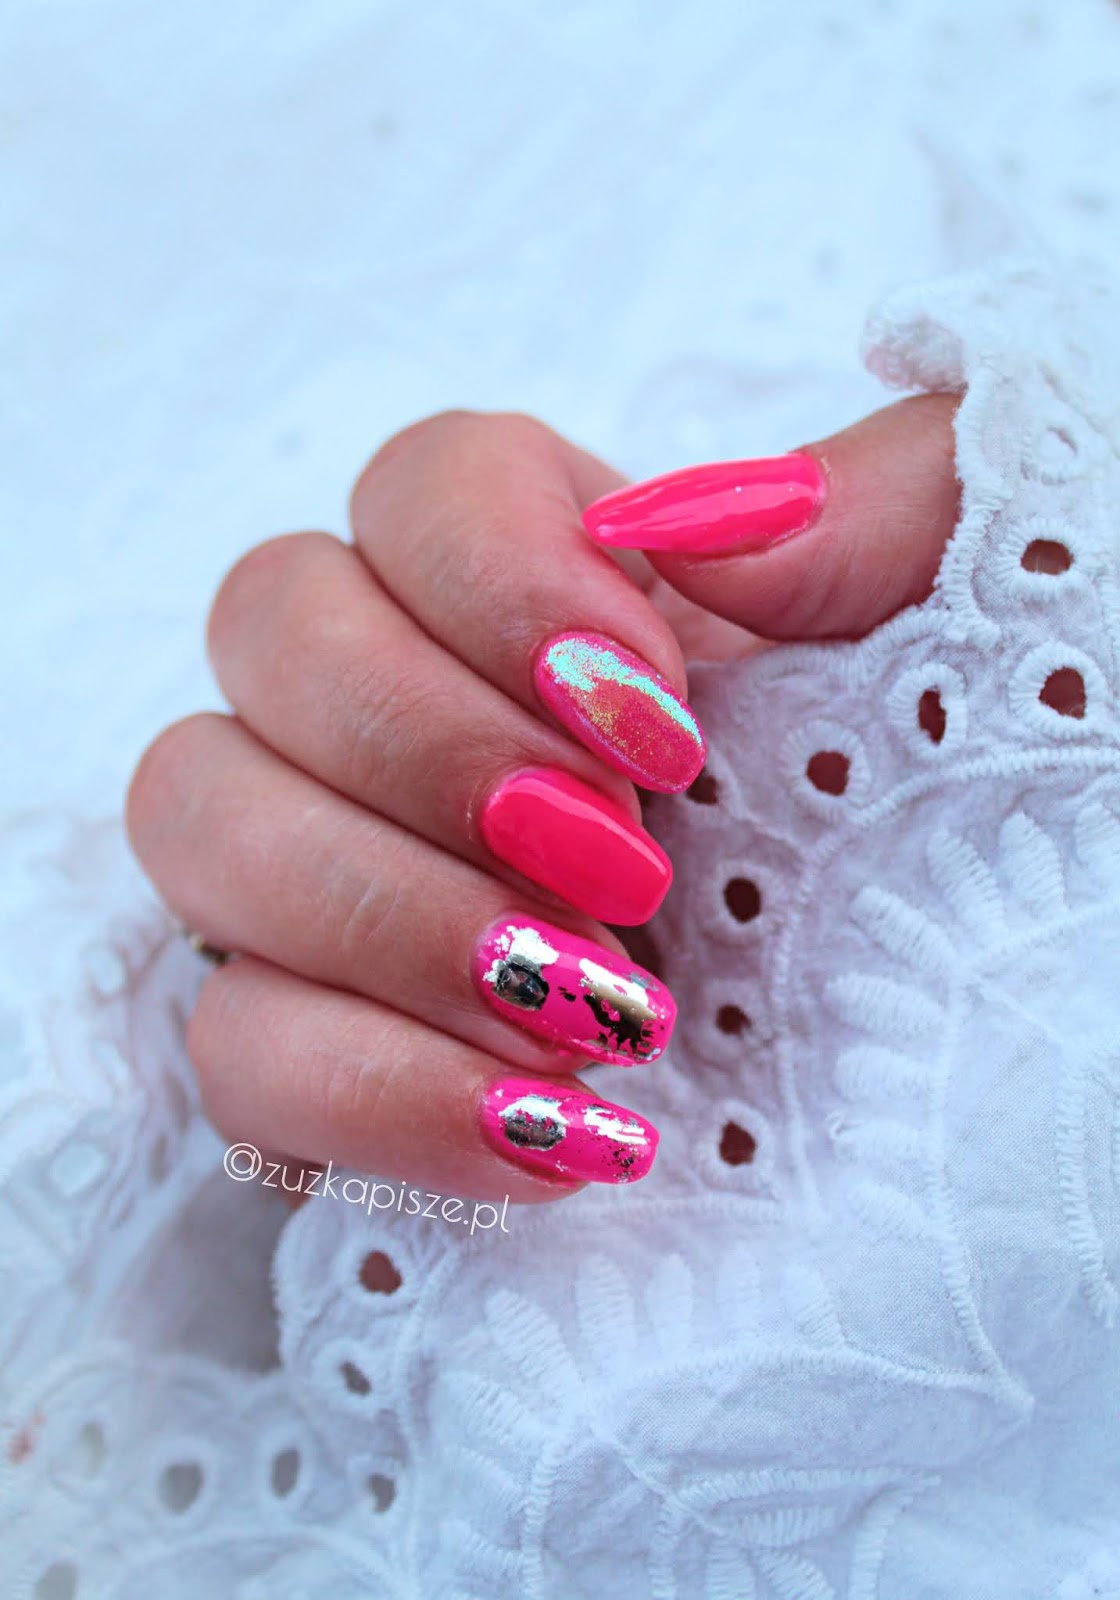 folia transferowa nc nails company